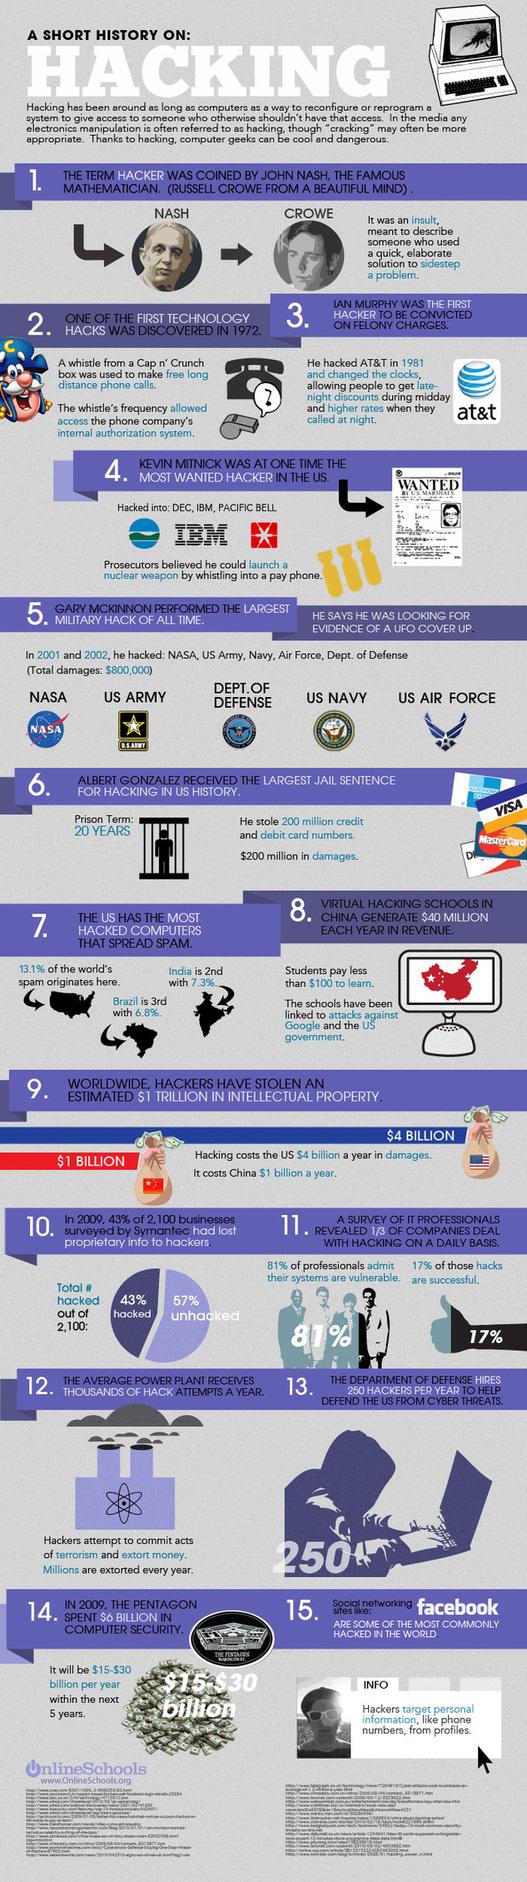 L'histoire du Hacking en 1 seule image